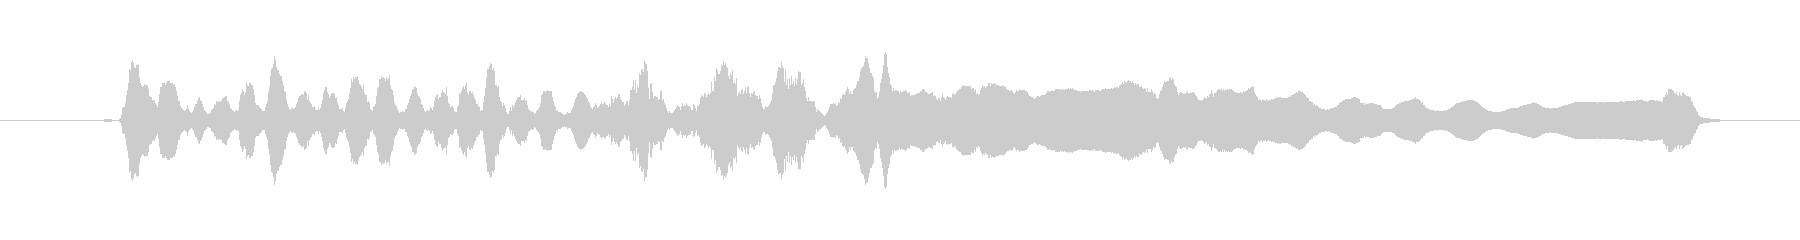 尺八によるジングルの未再生の波形